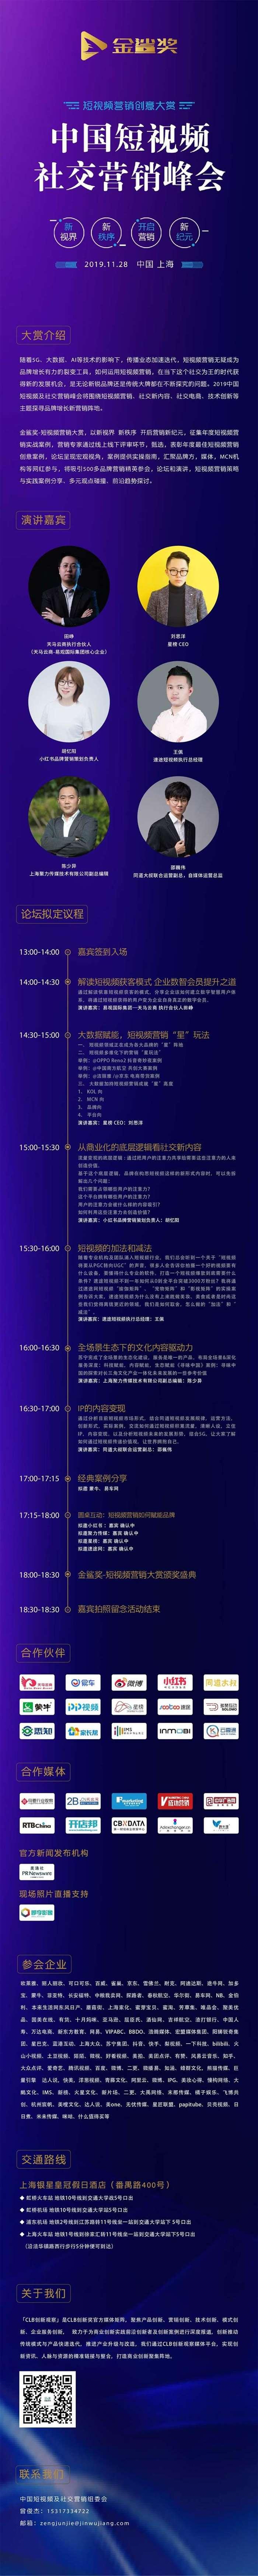 峰会整体源文件(zeng)-01.jpg